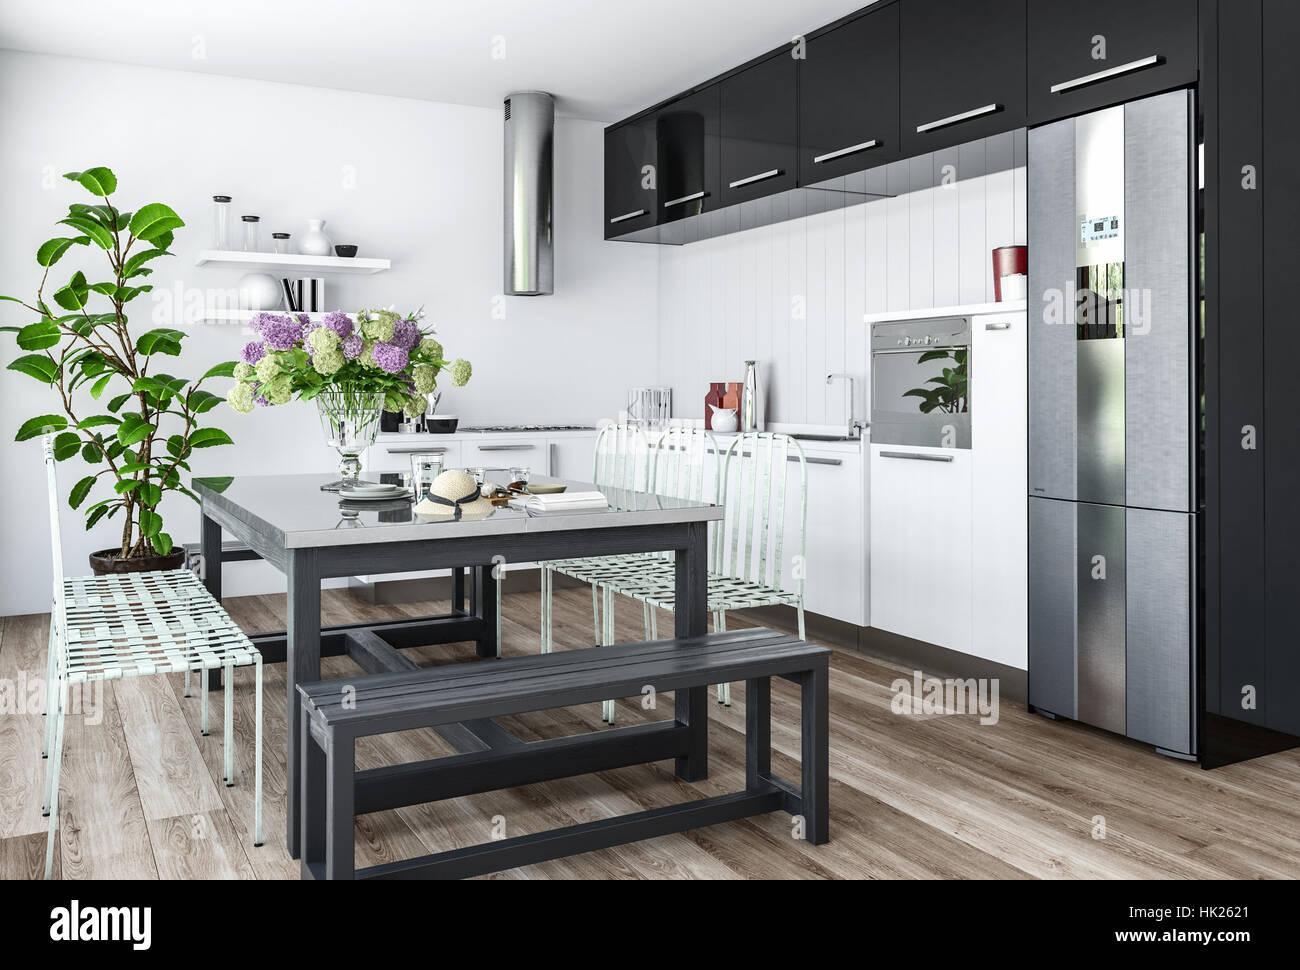 Inspirerende minimalistische interieurs met low profile meubels